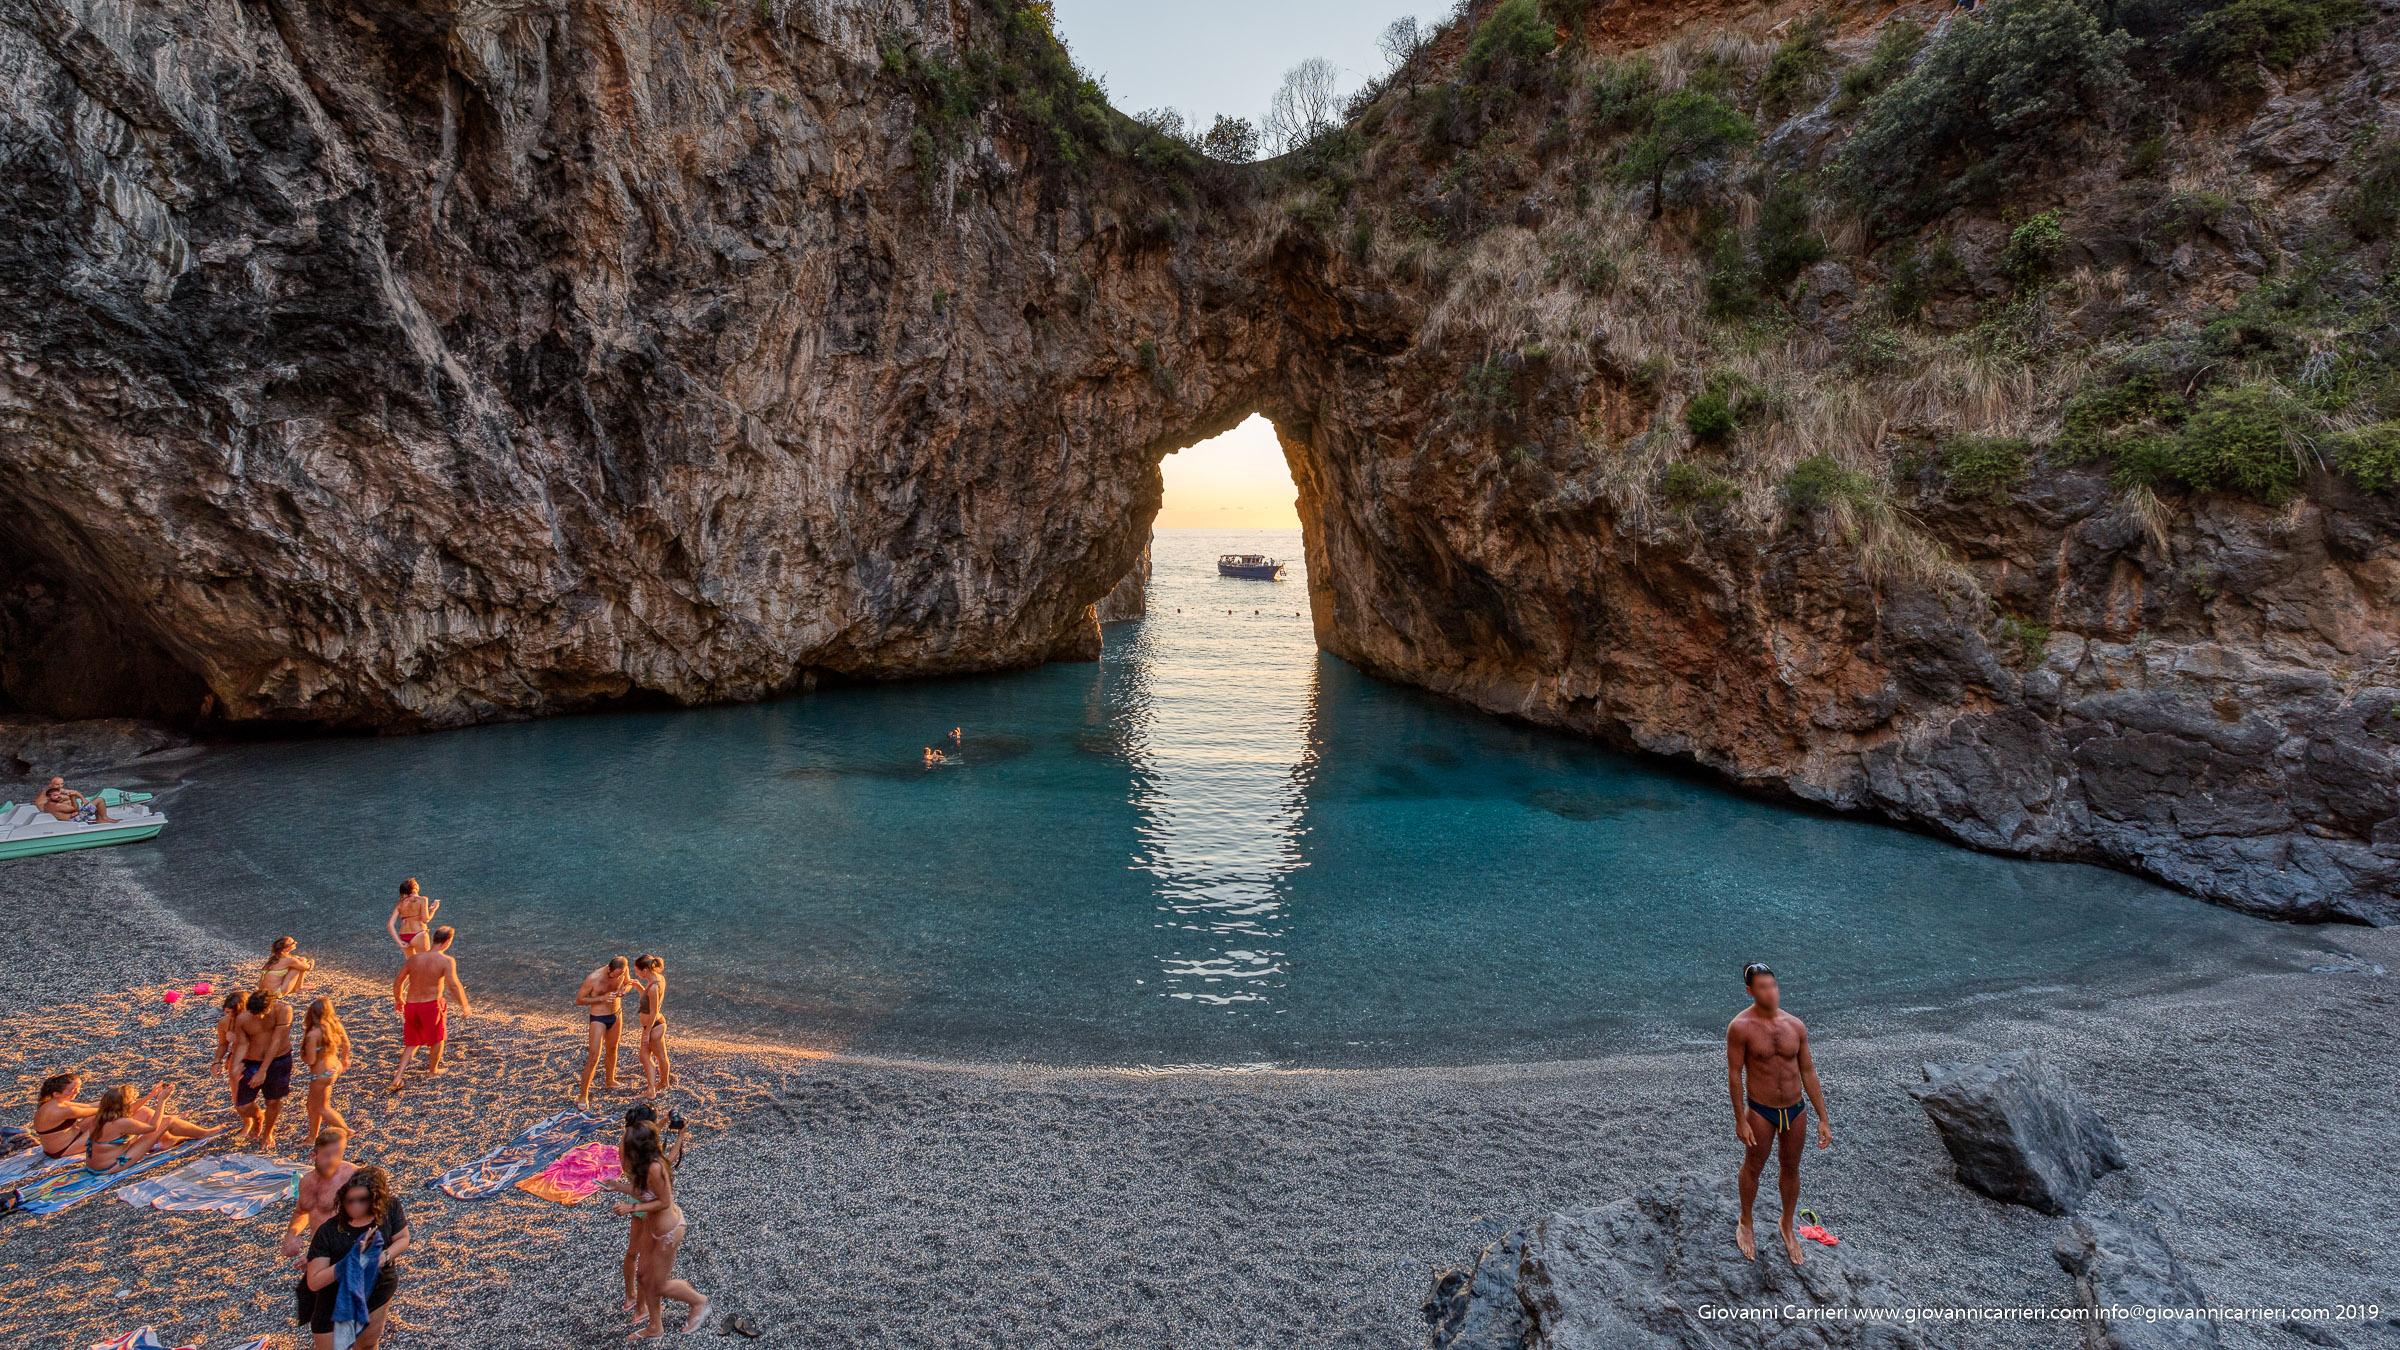 La volta dell'Arcomagno e la spiaggia.